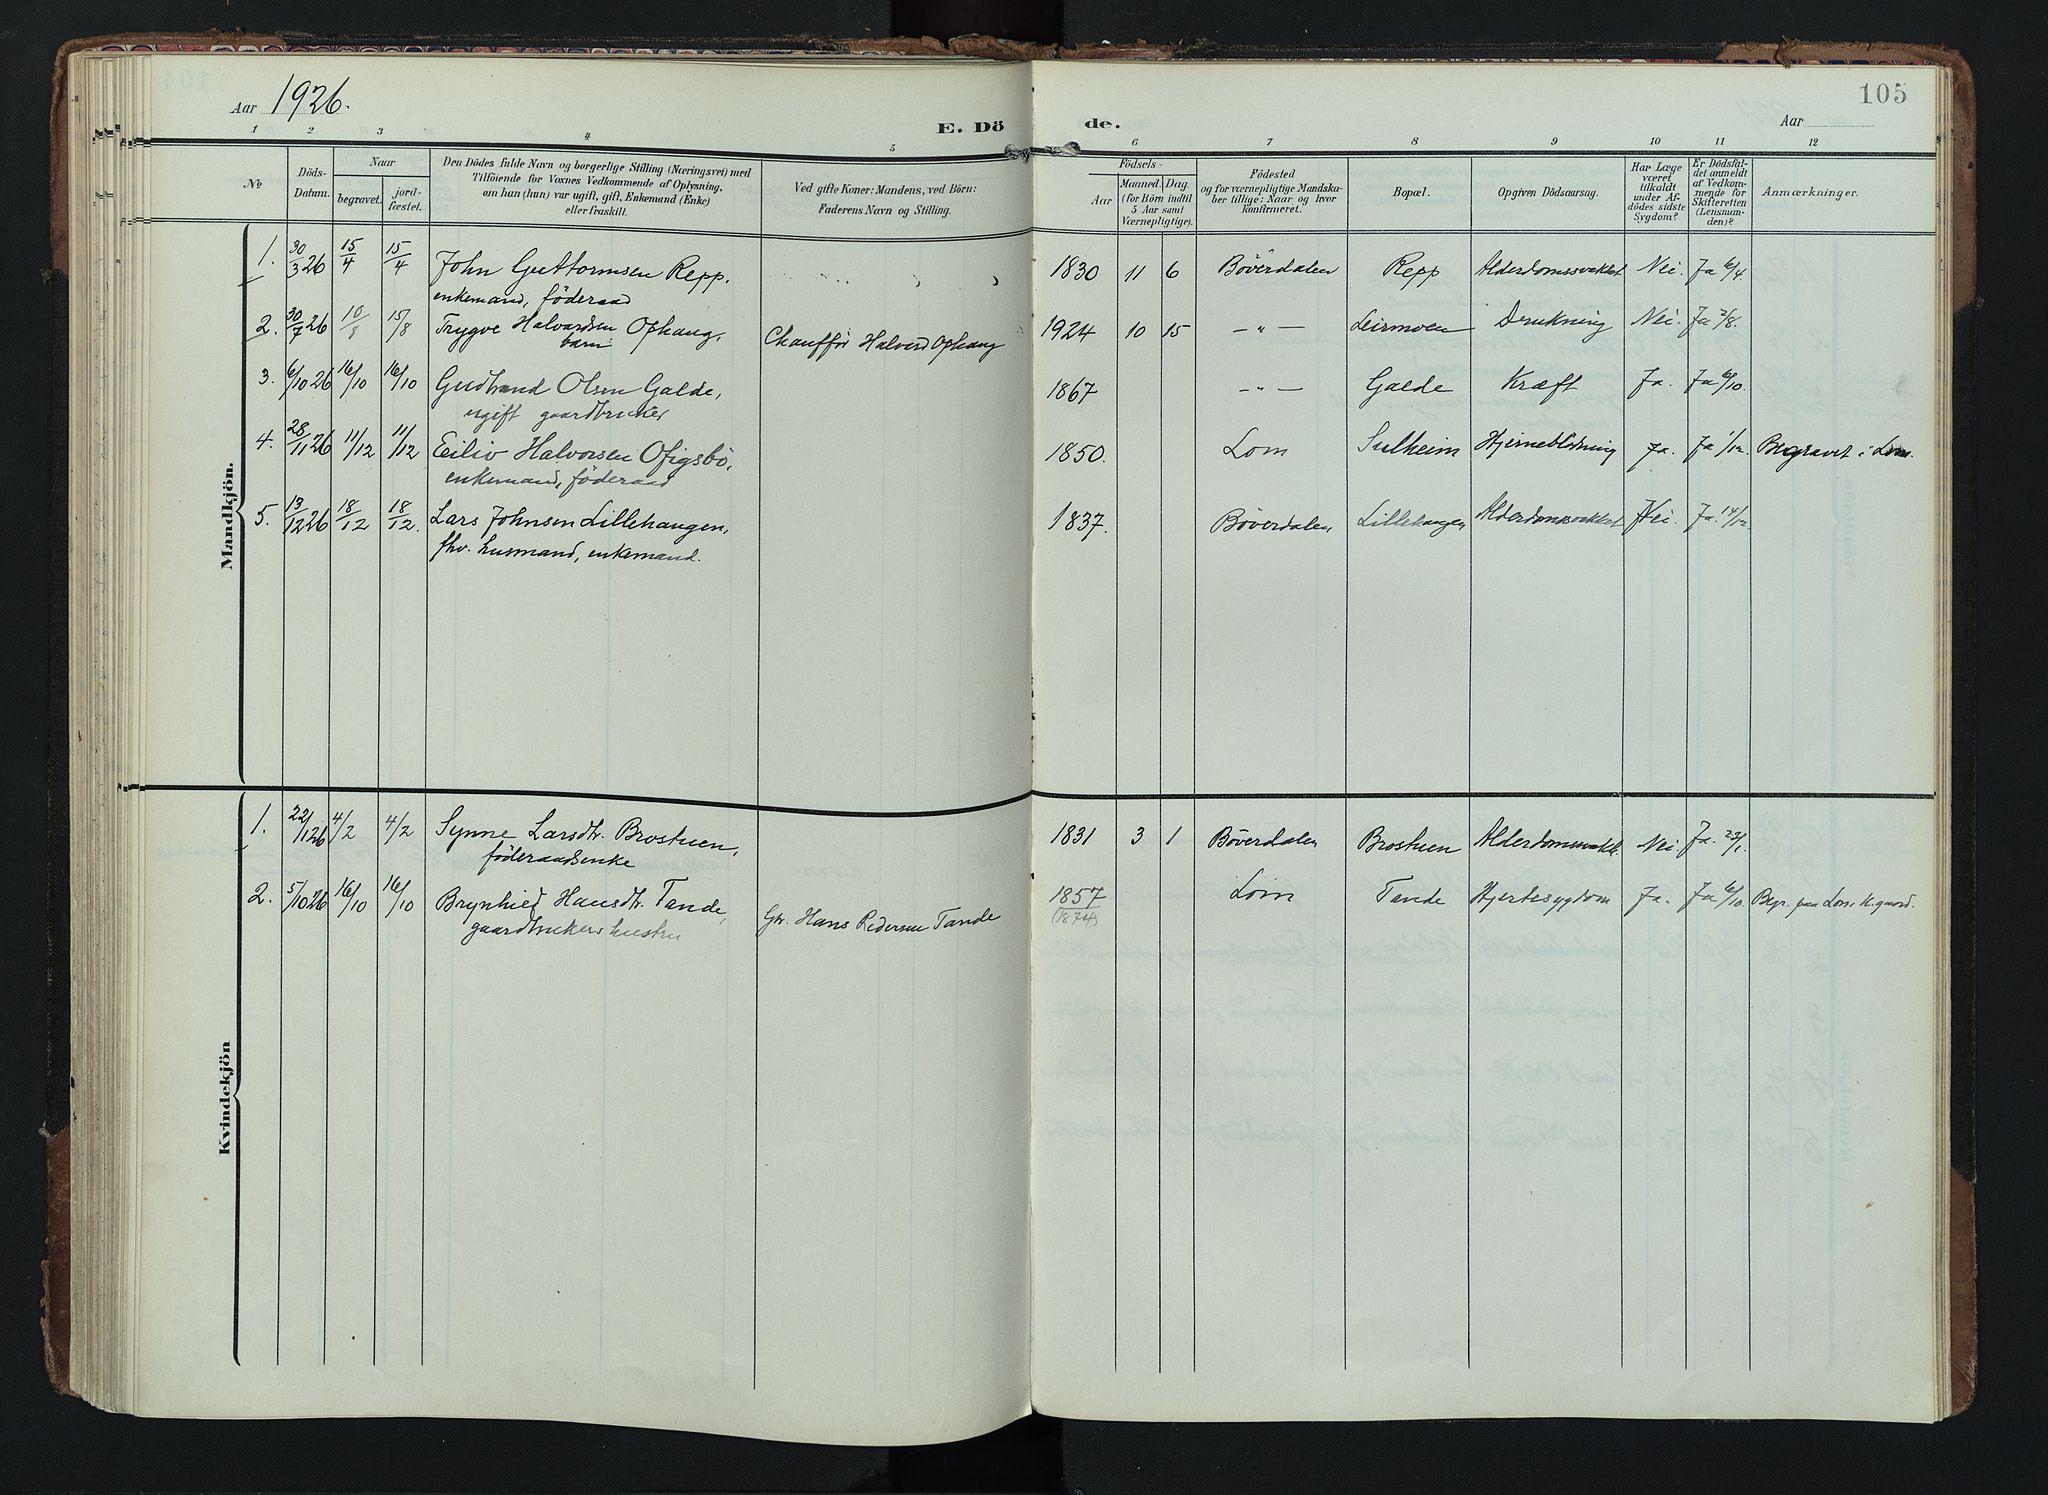 SAH, Lom prestekontor, K/L0012: Ministerialbok nr. 12, 1904-1928, s. 105